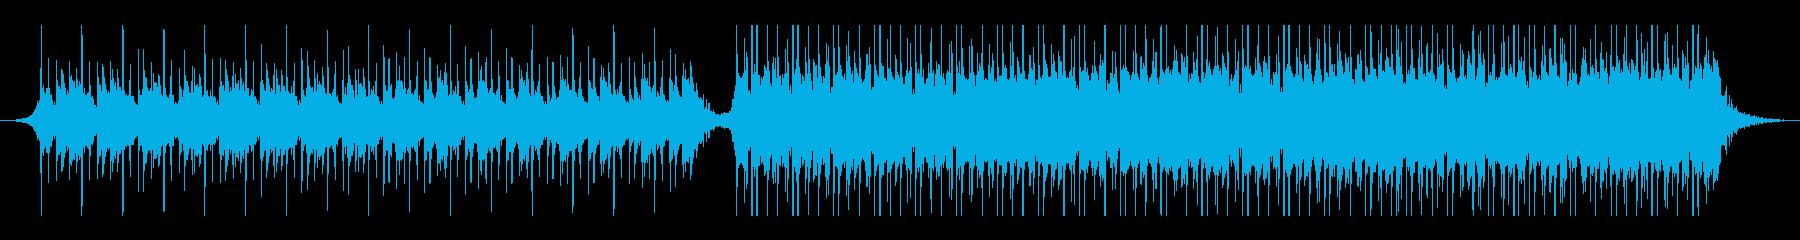 ラマダンの再生済みの波形